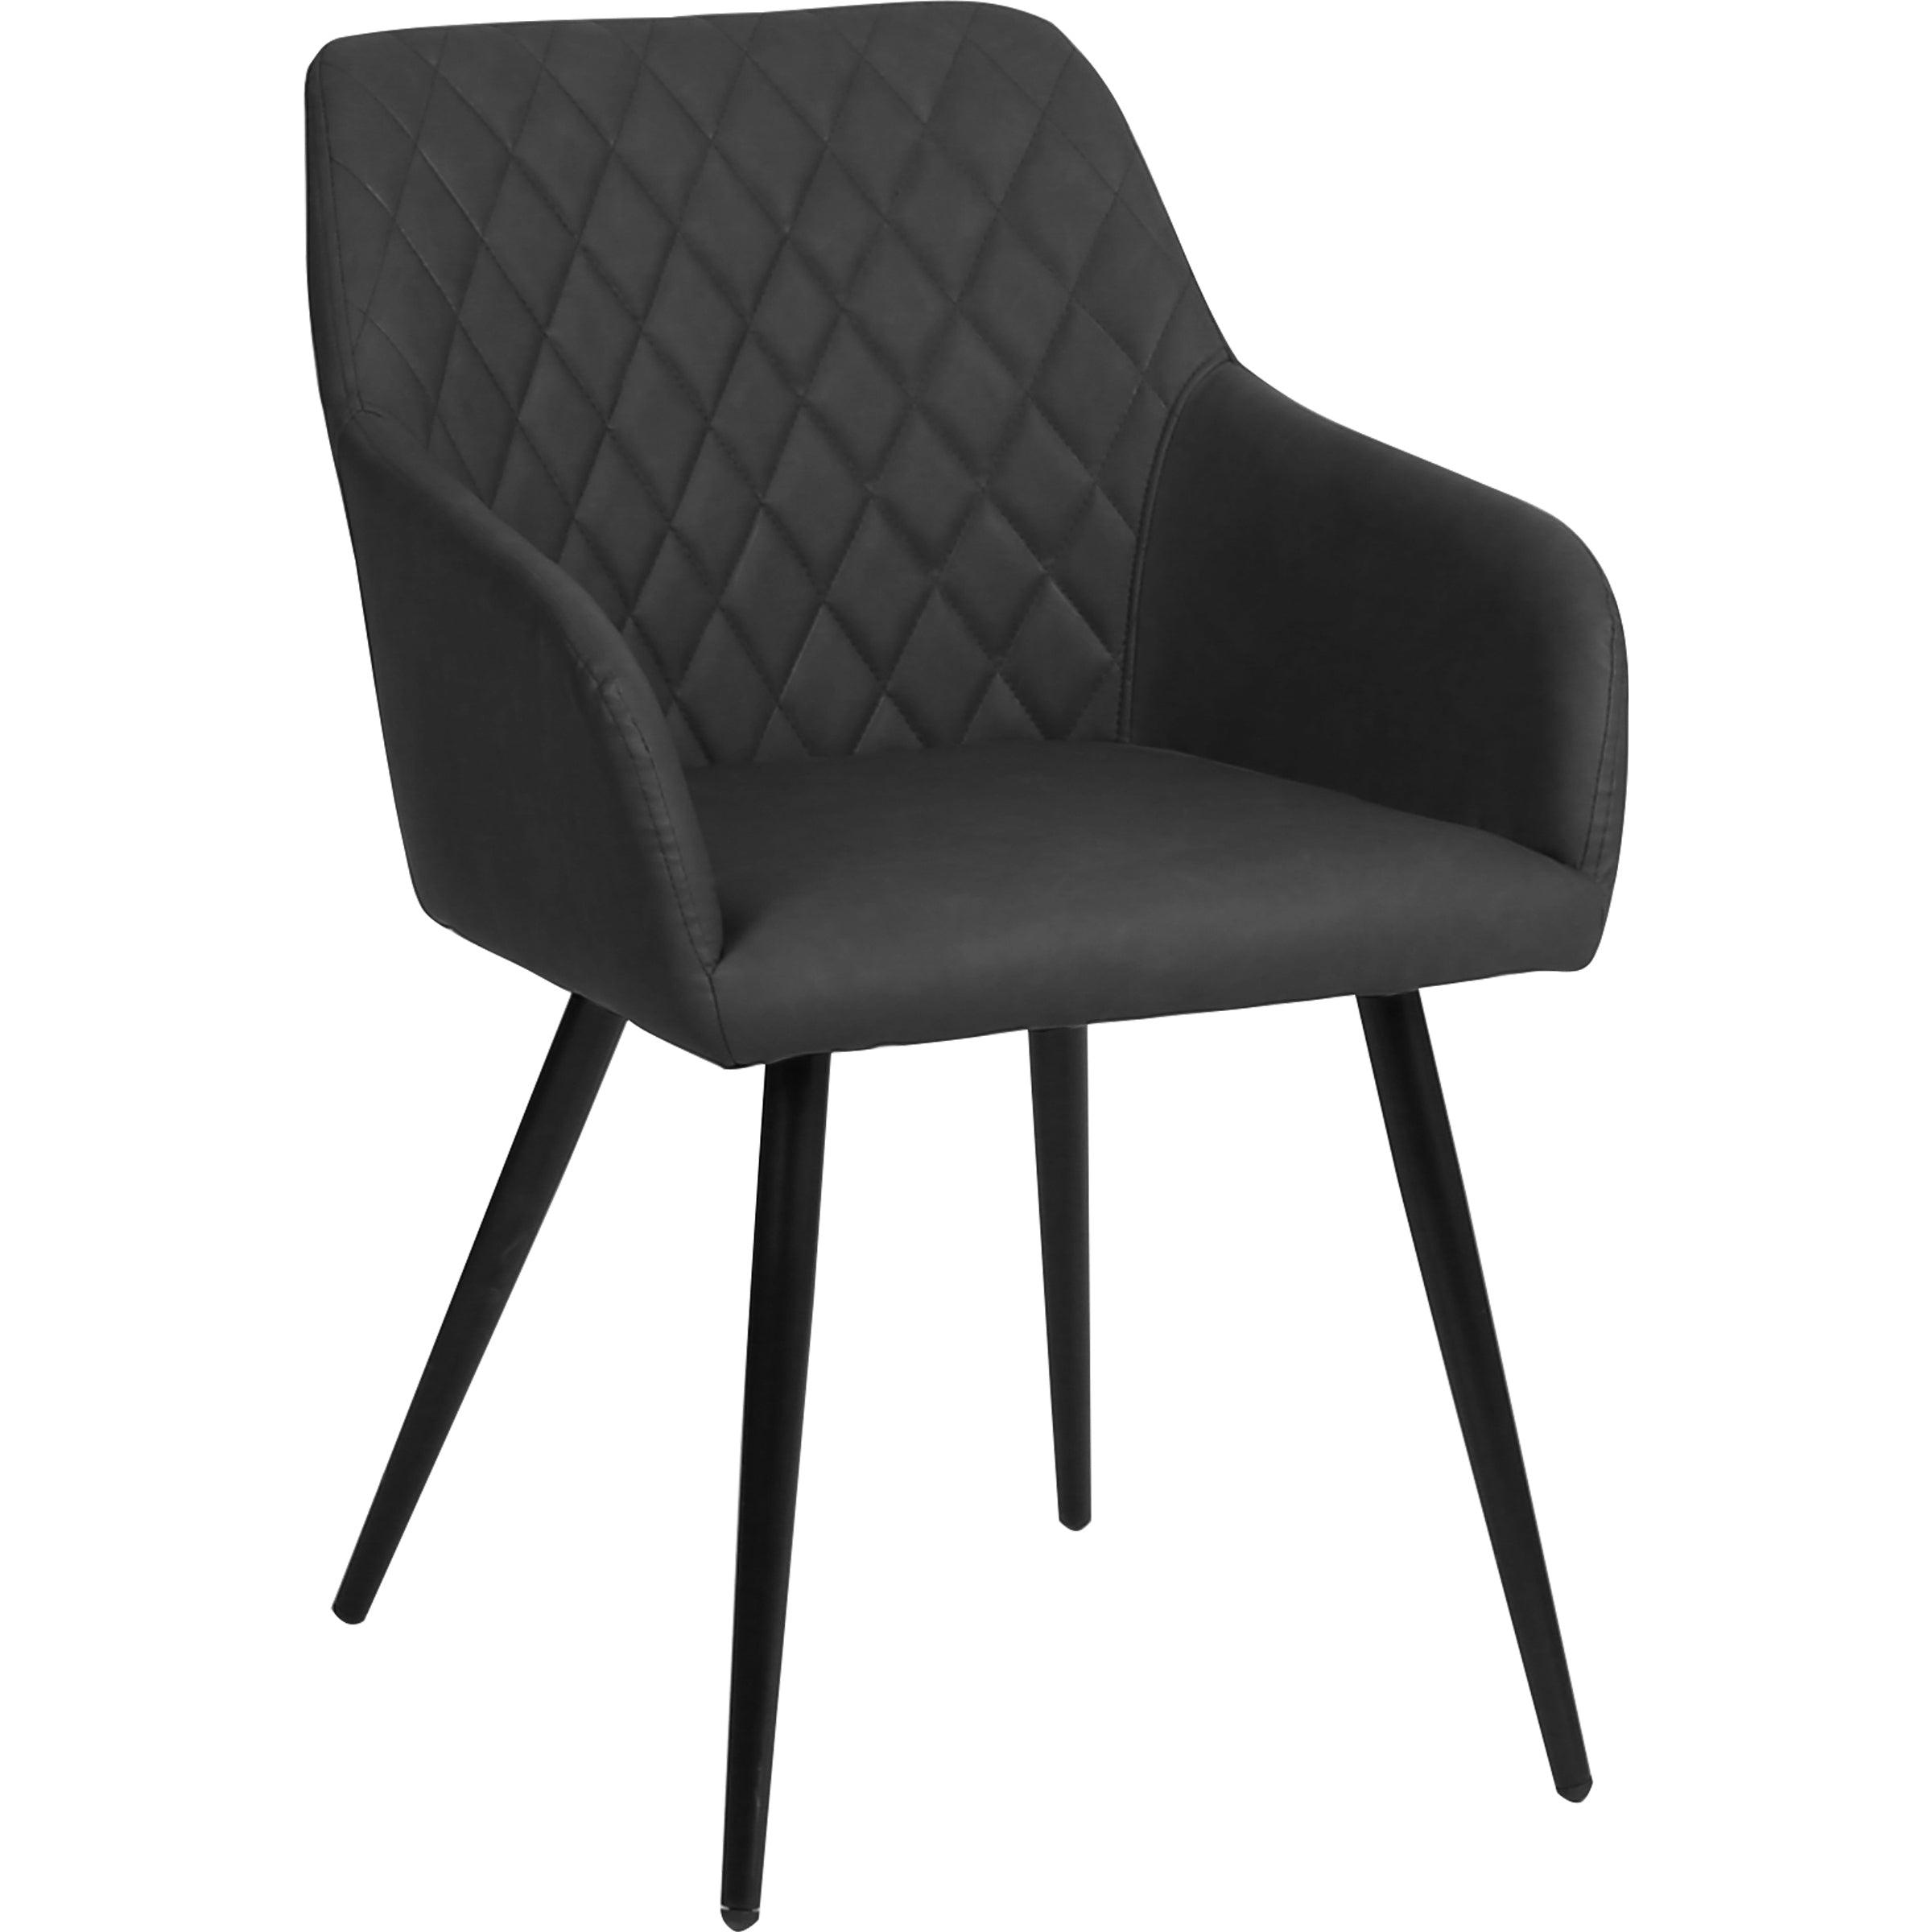 Nimara.dk Thor - Mørkegrå kunstlæder stol med armlæn